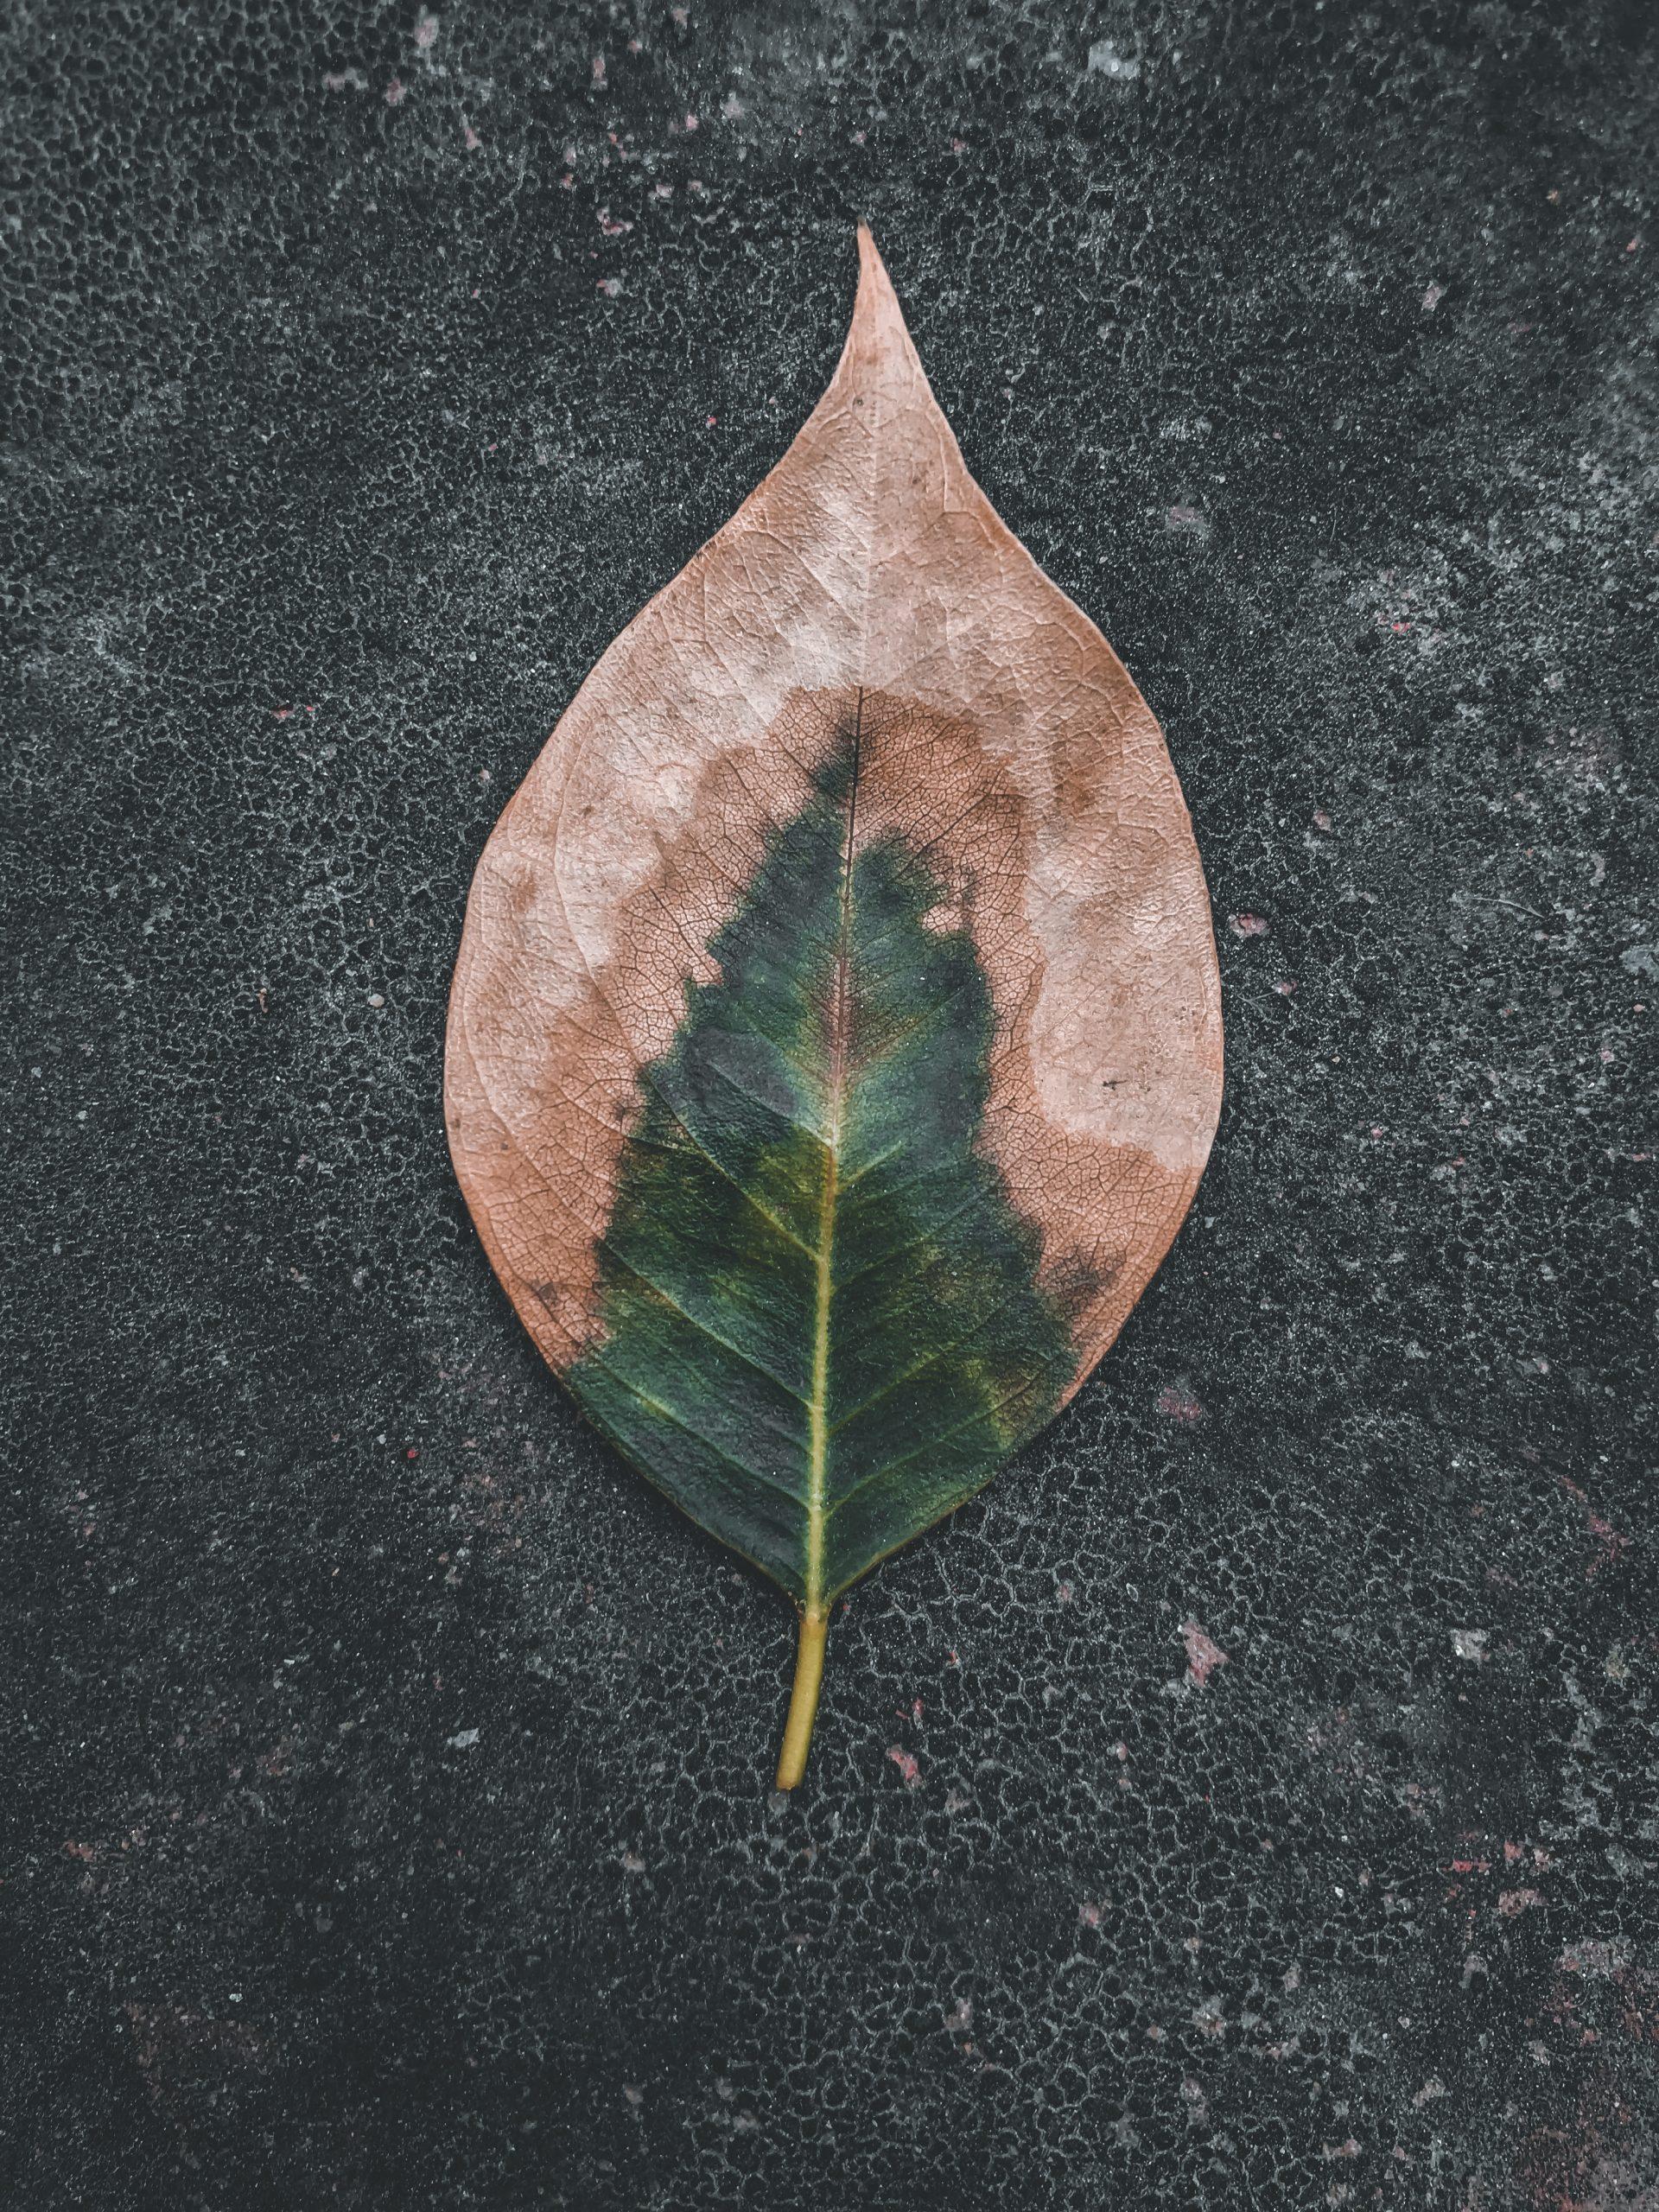 Drying leaf